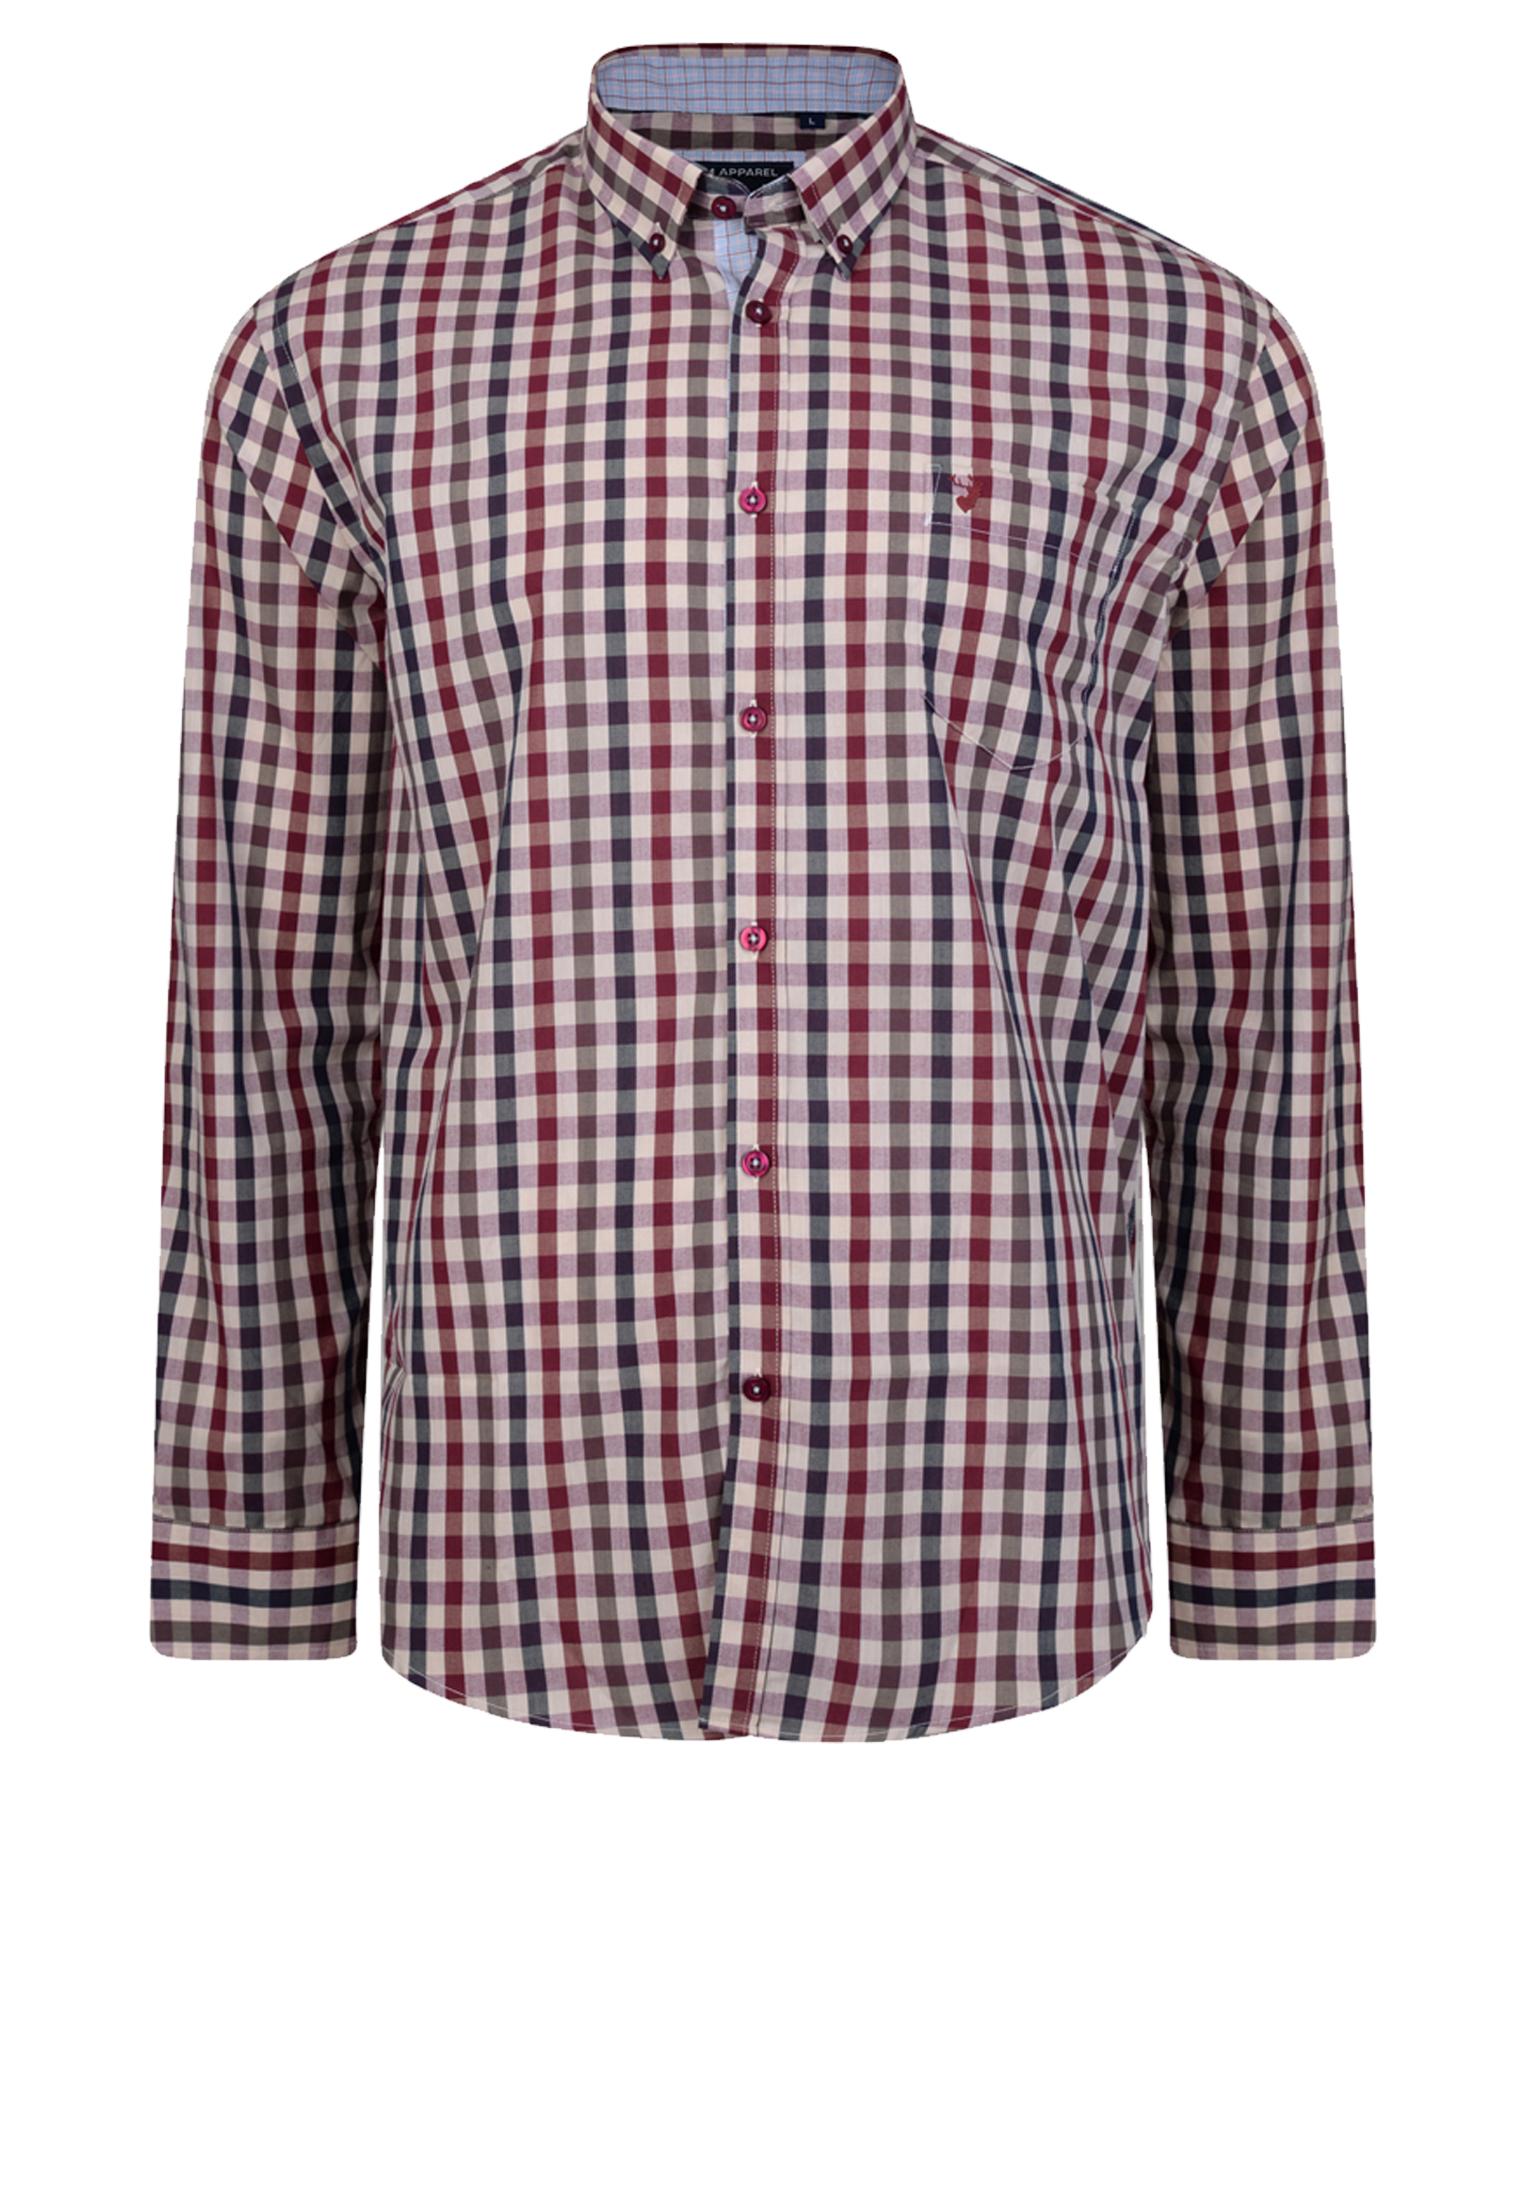 Geruit overhemd van KAM JEANSWEAR met button down kraag, met open zakje op de linker borst, contrasterende stof aan de kraag. Het overhemd is rond afgezoomd. Erg leuk overhemd om bijvoorbeeld casual te dragen.